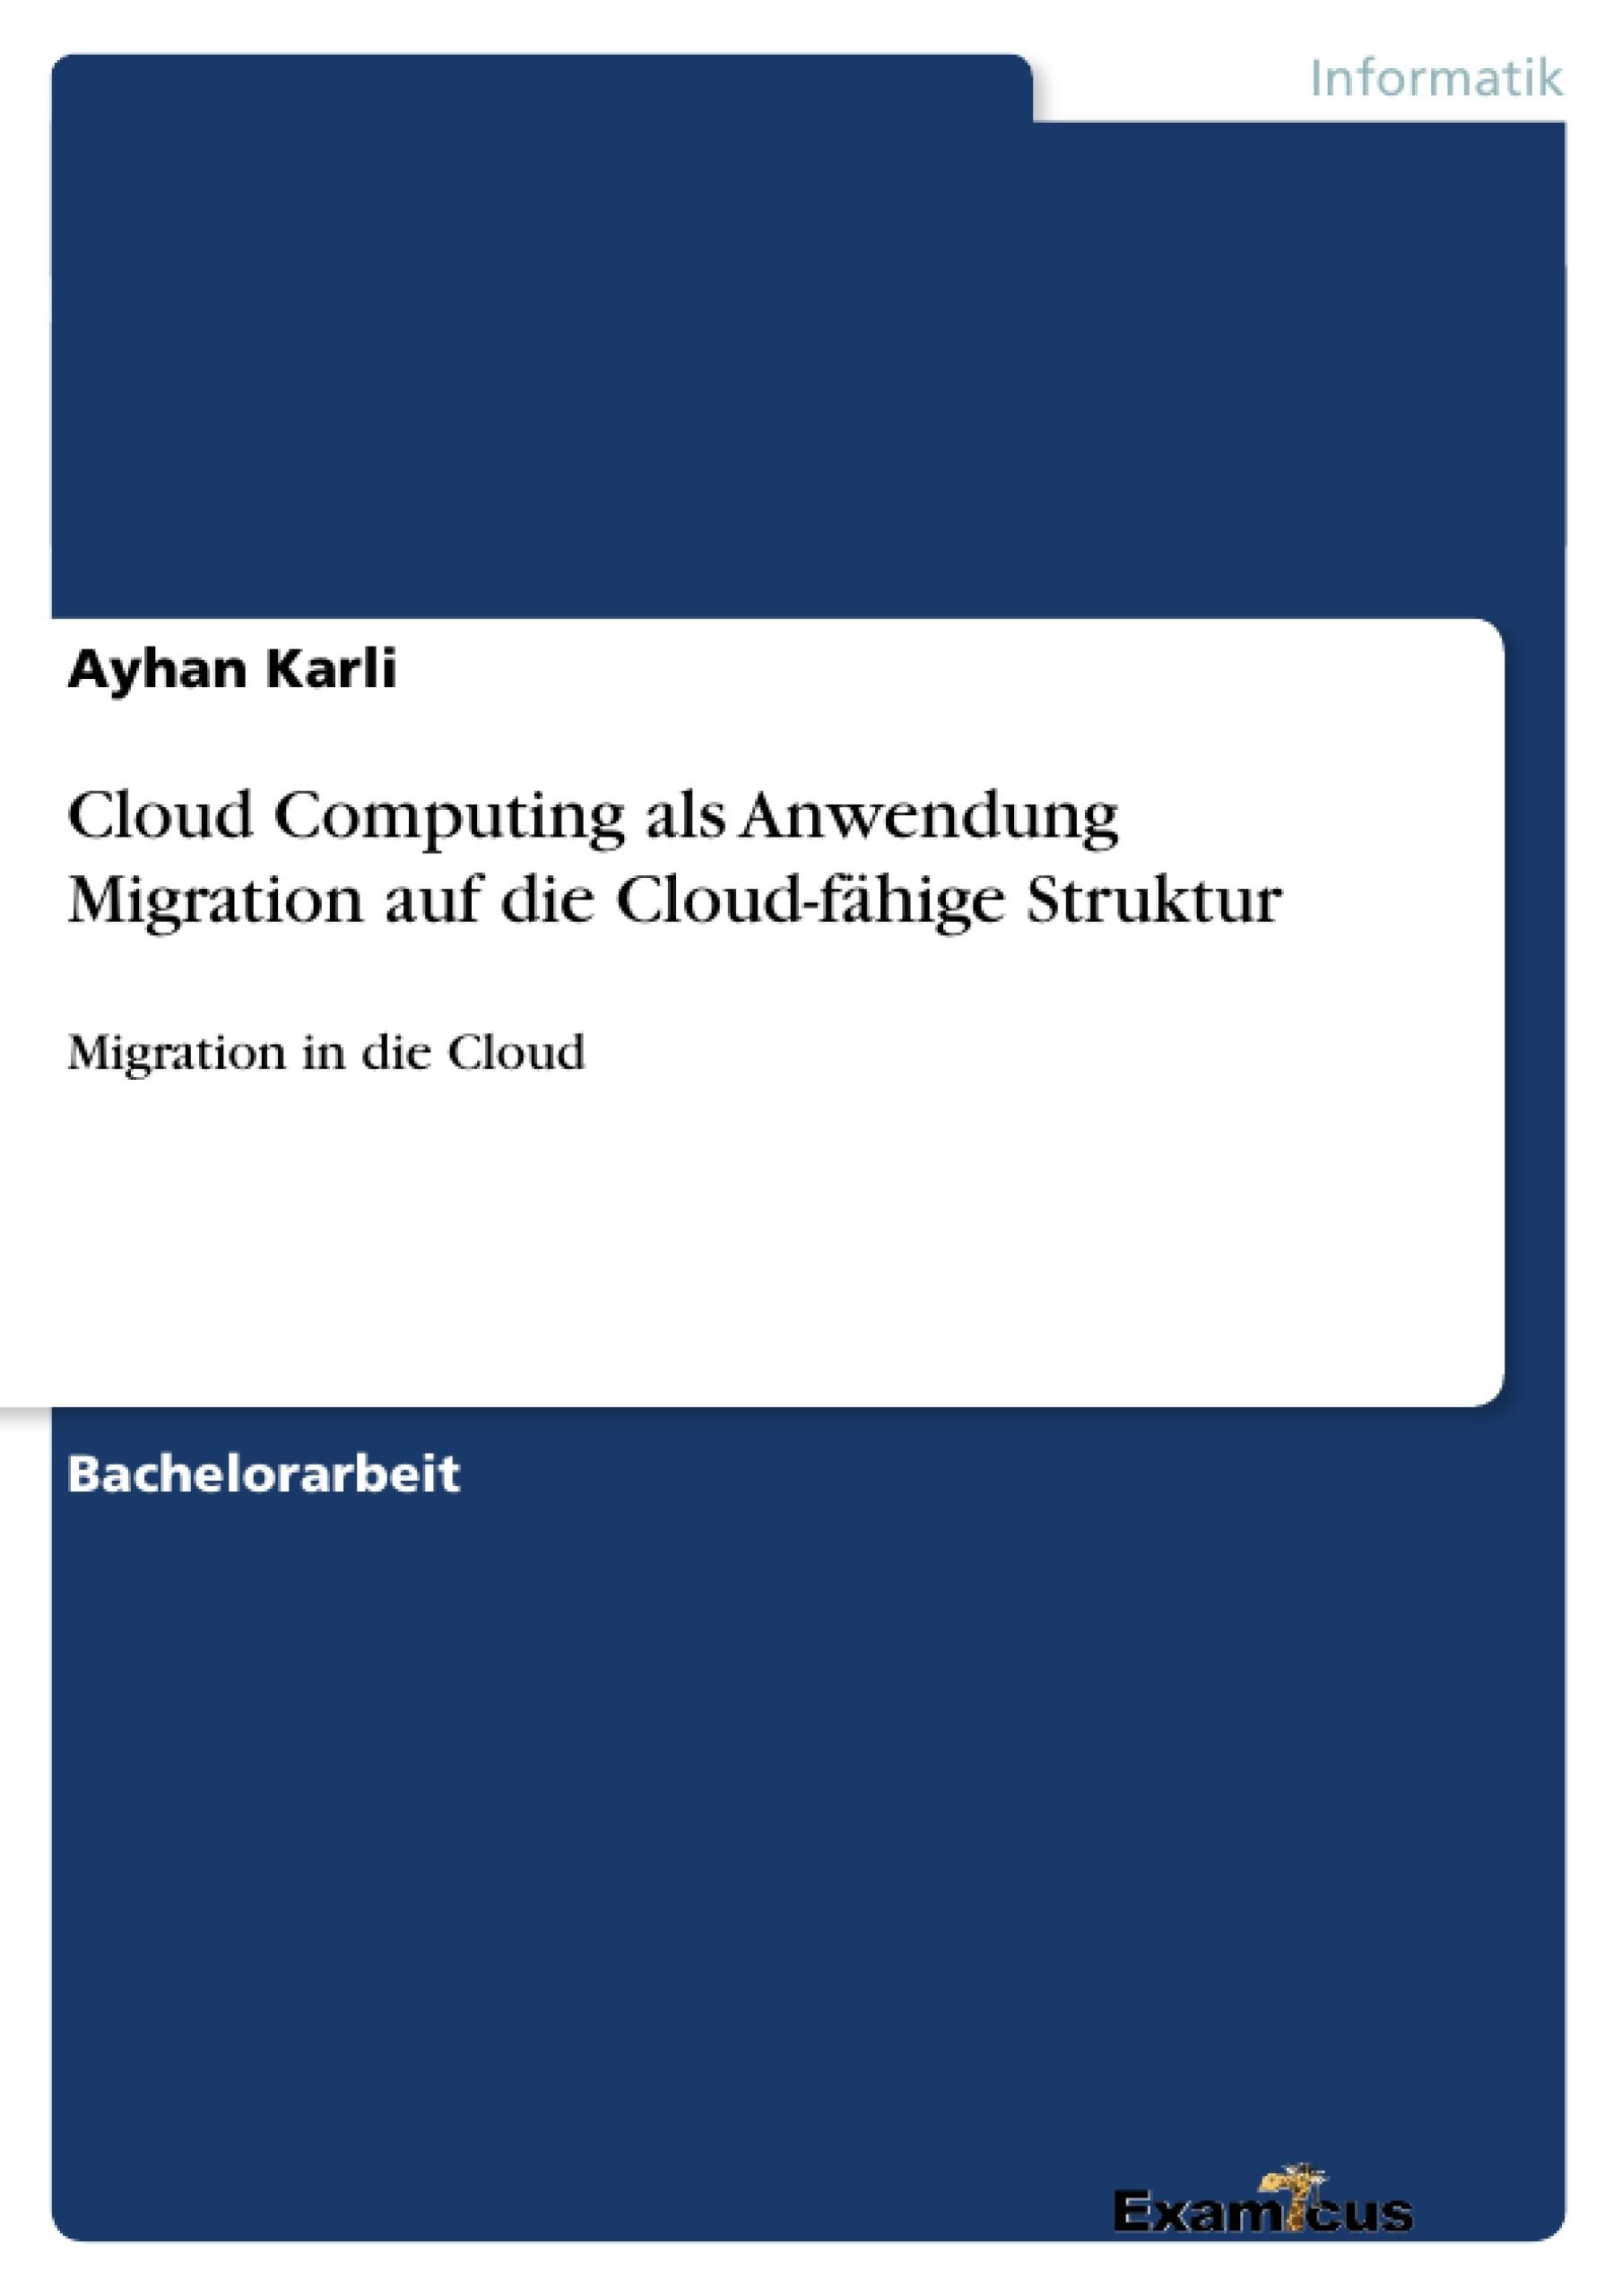 Titel: Cloud Computing als Anwendung Migration auf die Cloud-fähige Struktur